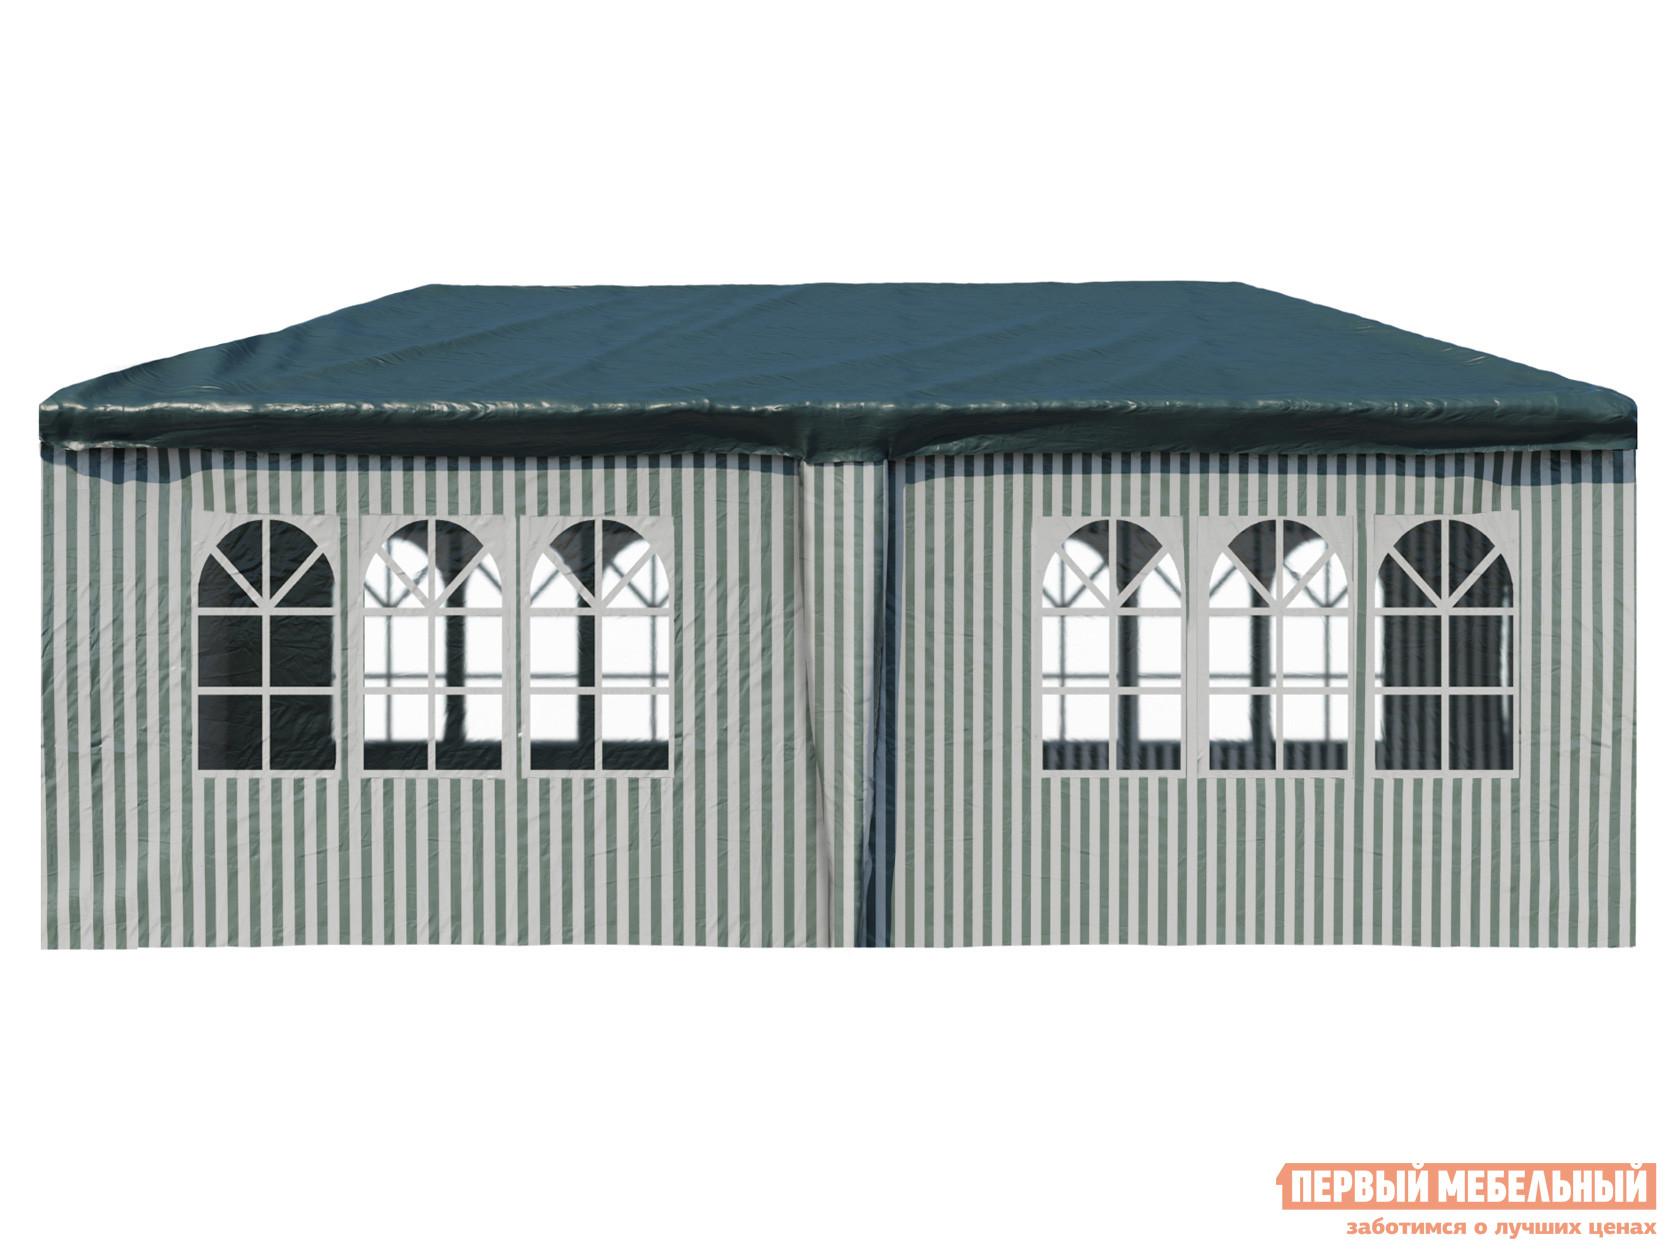 Раскладной шатер 3х6 для мероприятий Афина-мебель AFM-1015 садовый шатер afm 1013a